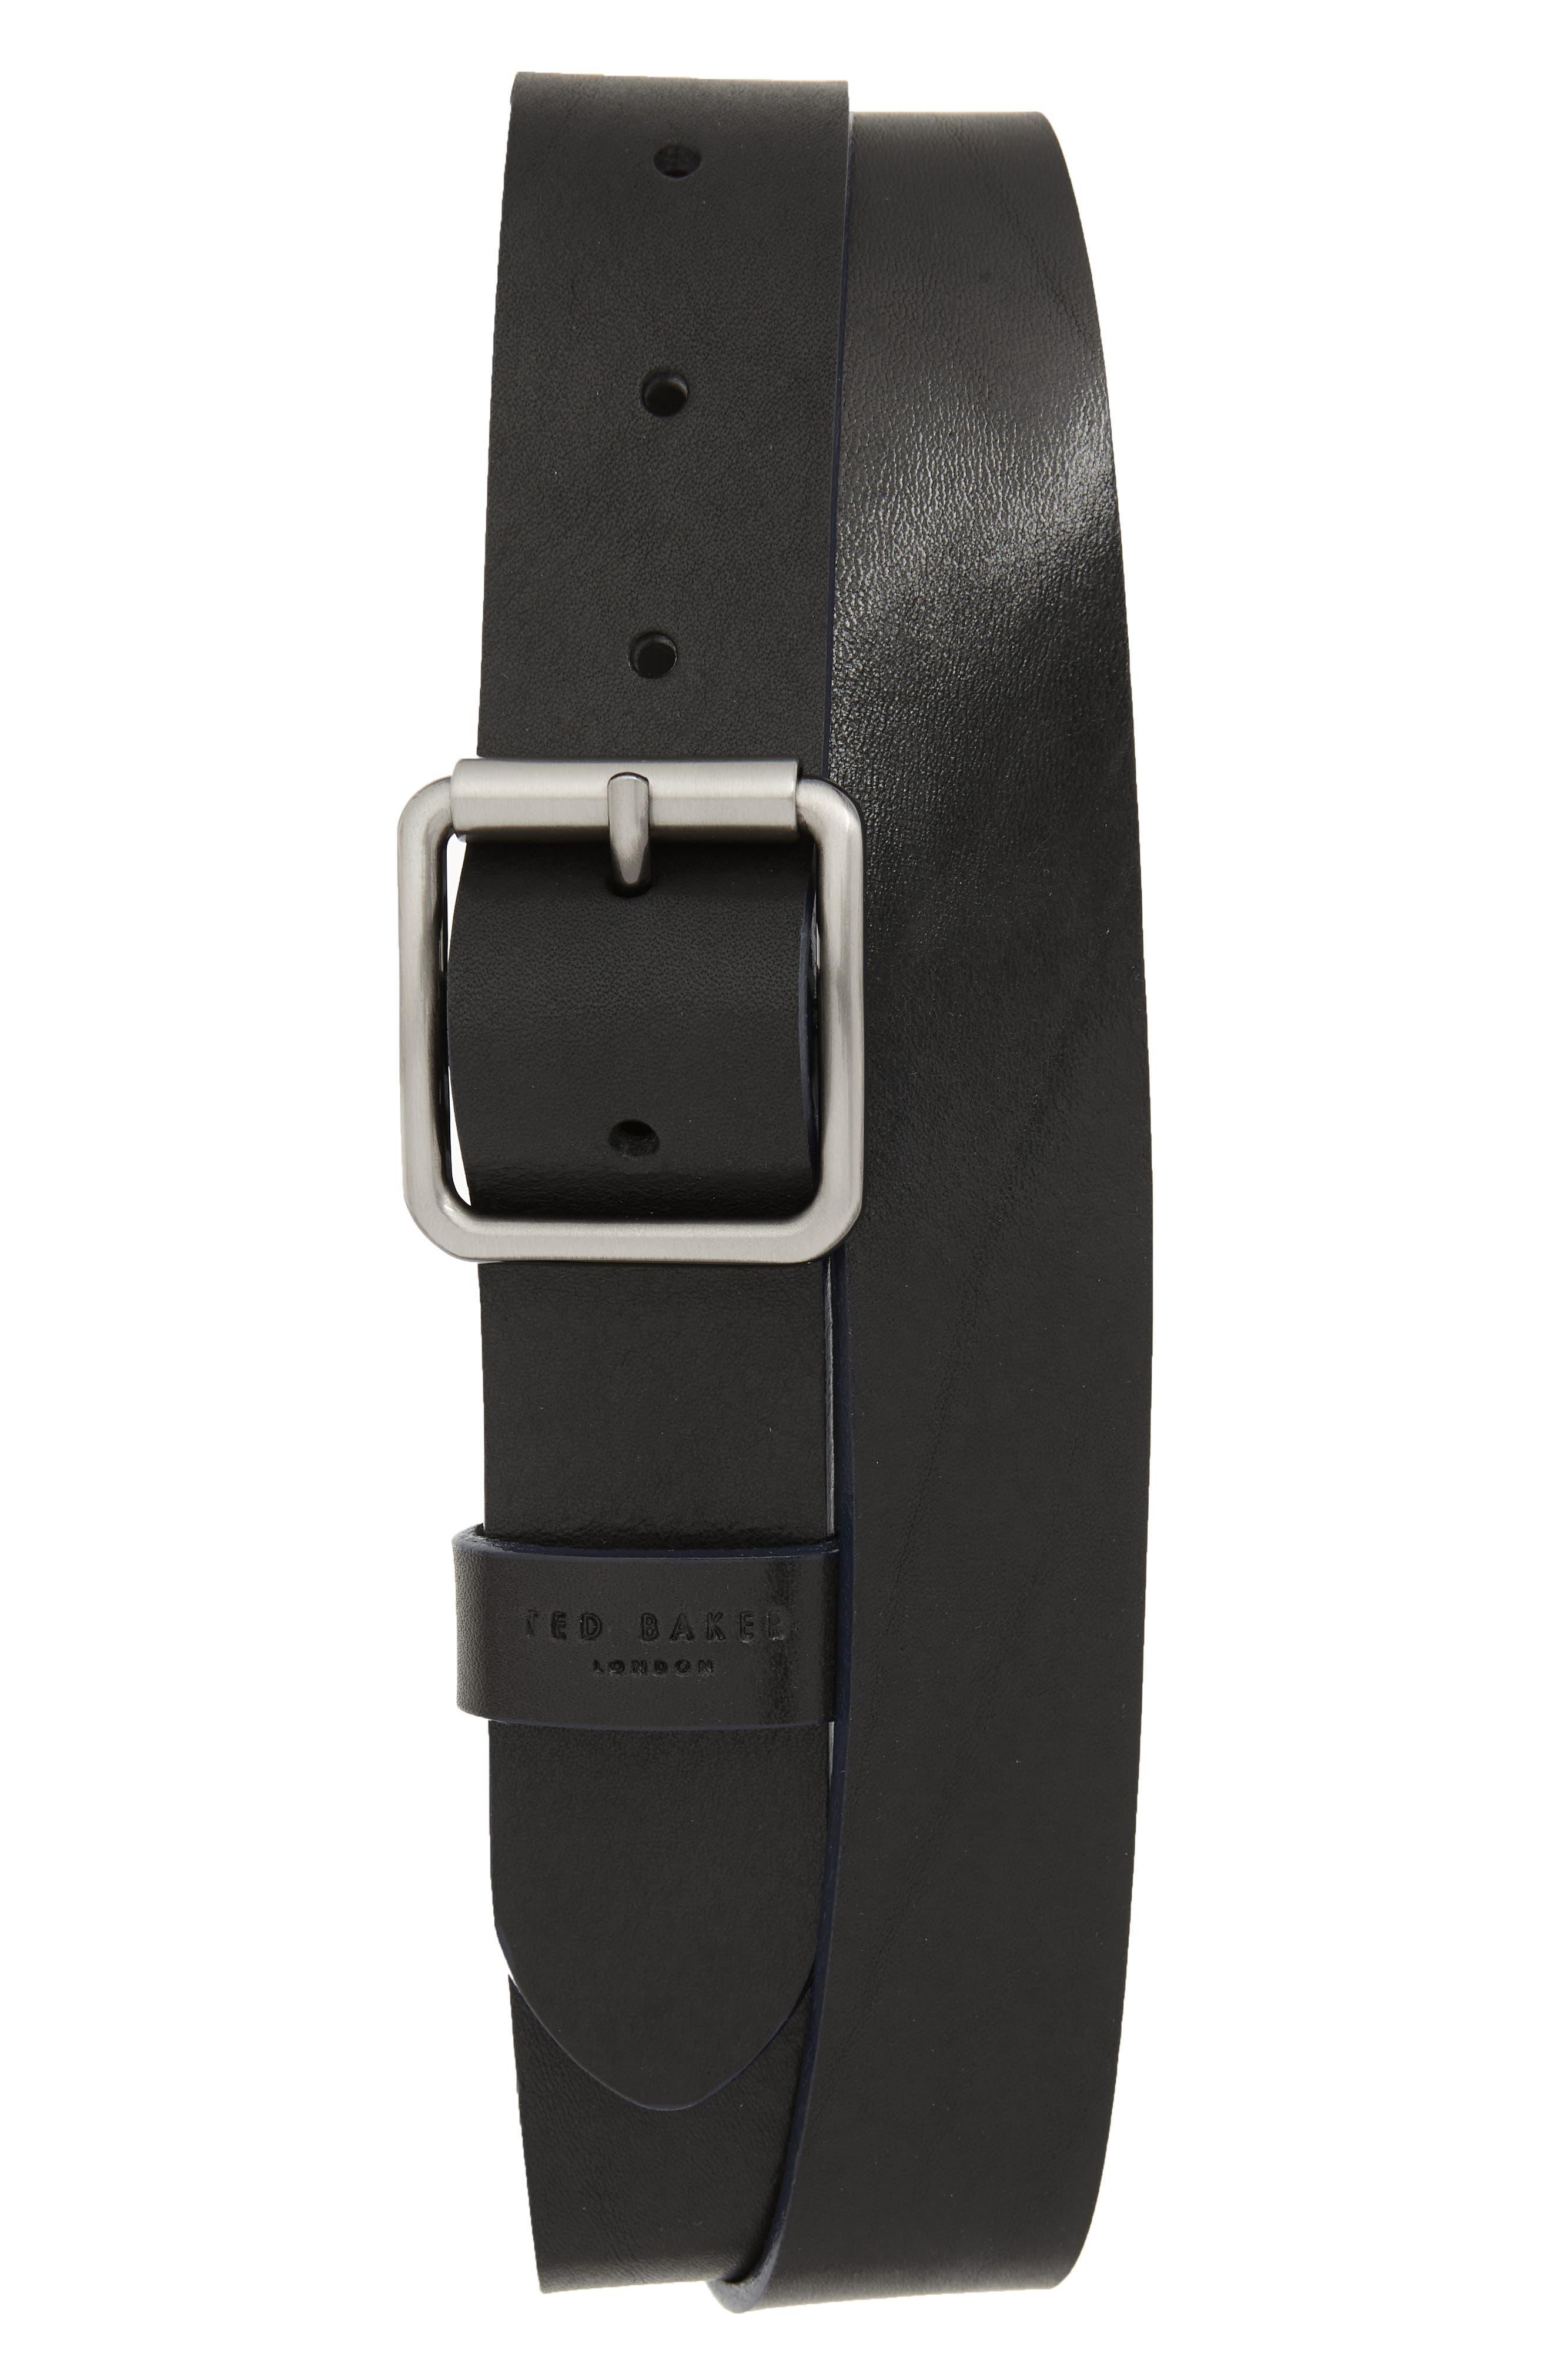 Ted Baker London Leather Belt, Black